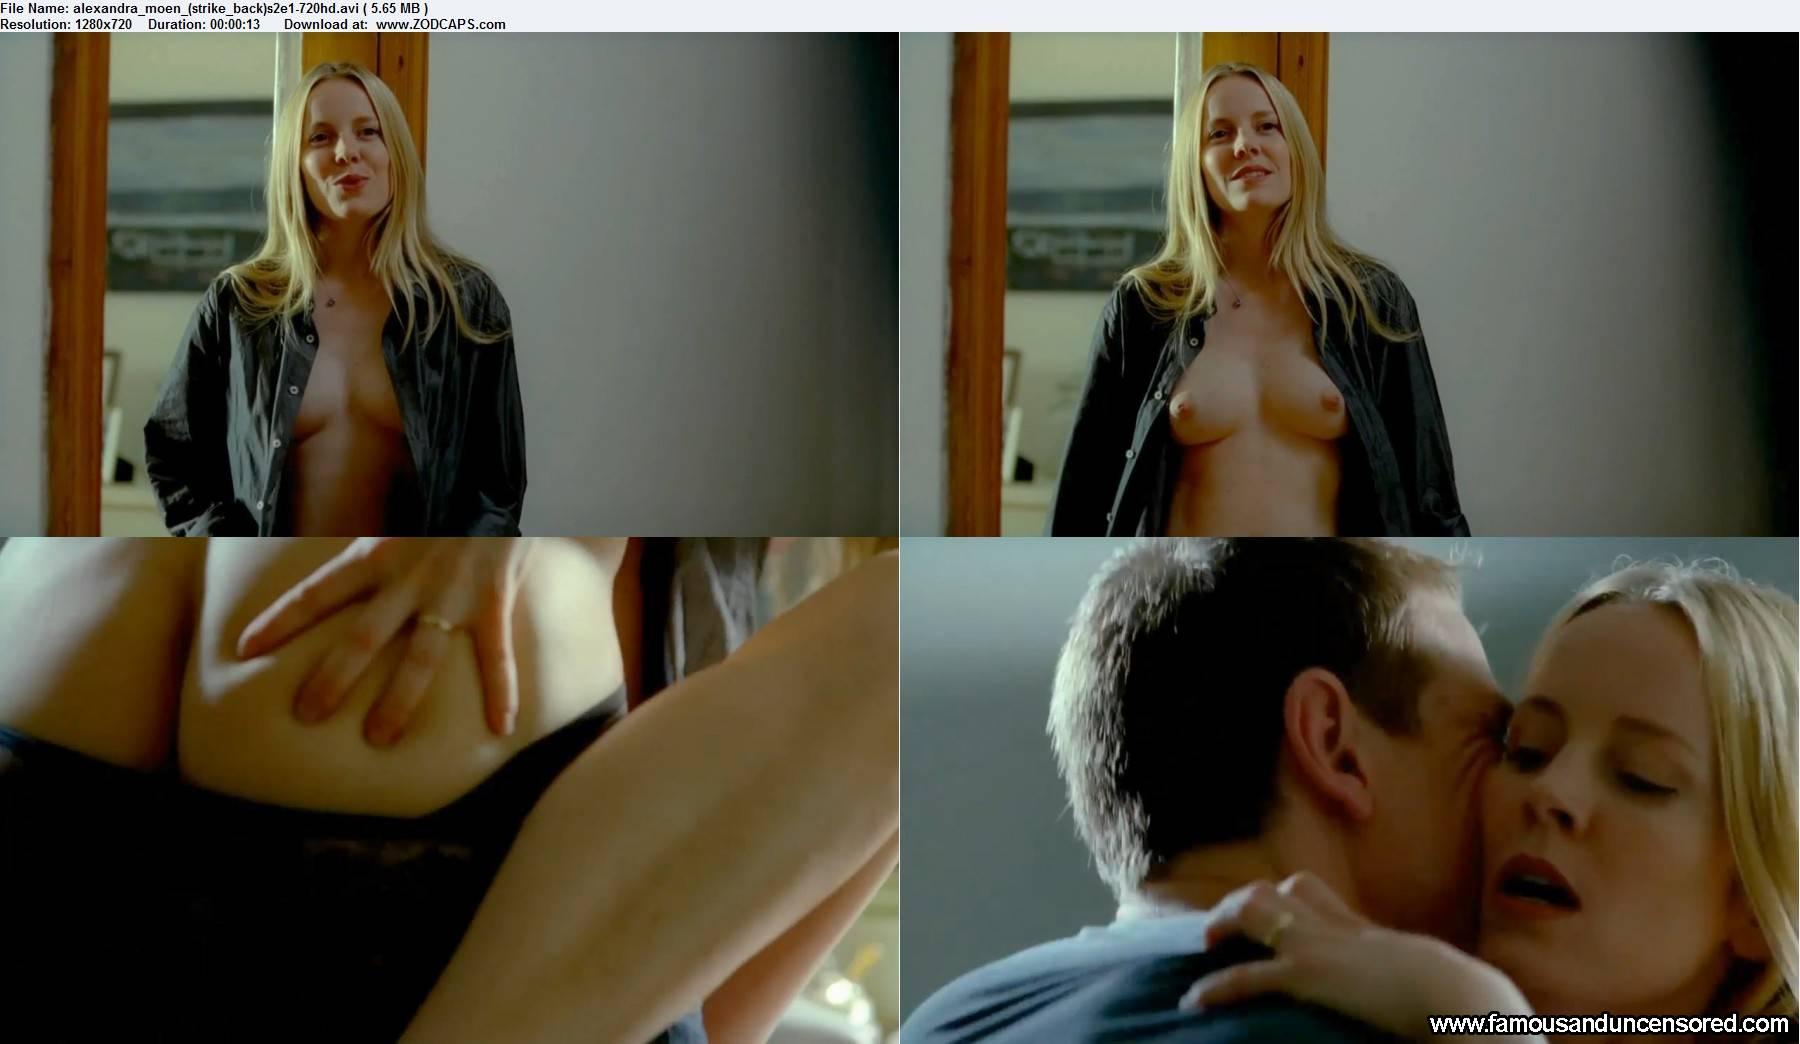 Alexandra moen naked